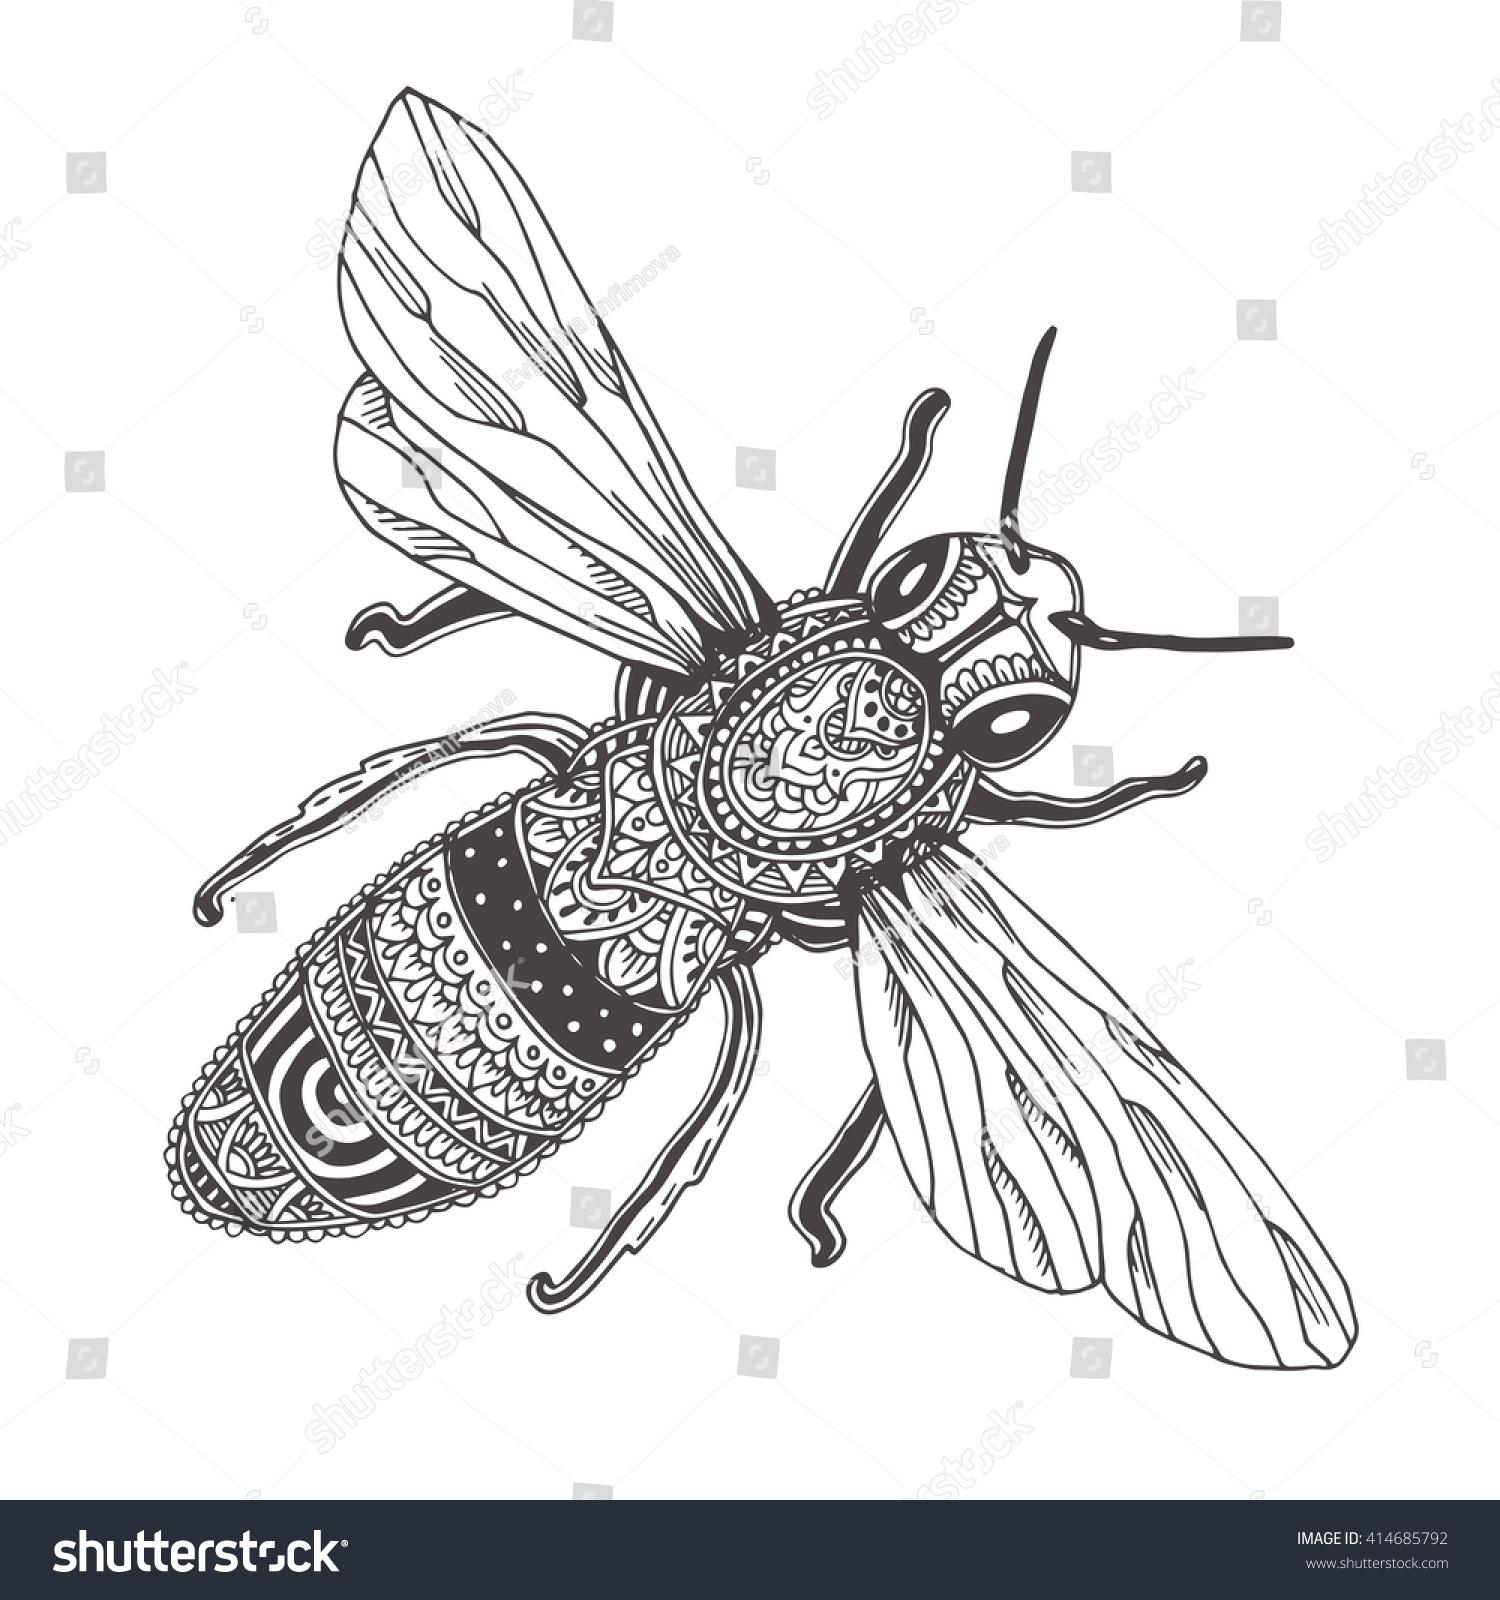 Bee Handdrawn Honeybee Ethnic Floral Doodle Stock Vector 414685792 ...